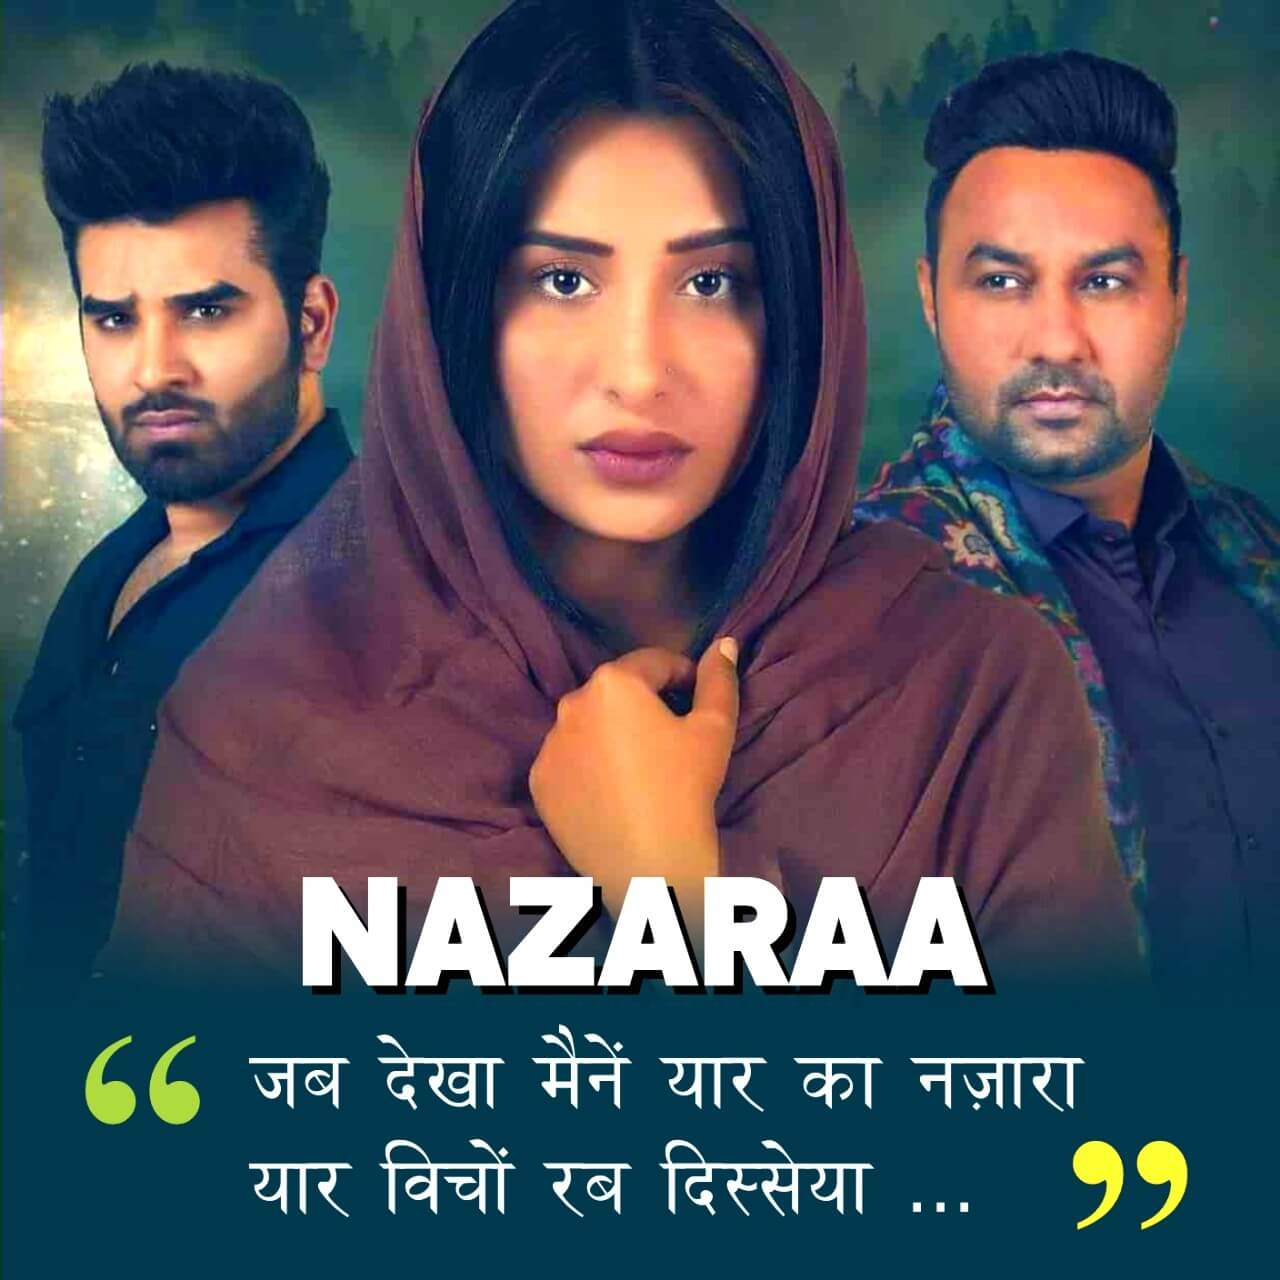 Nazaraa Lyrics In English